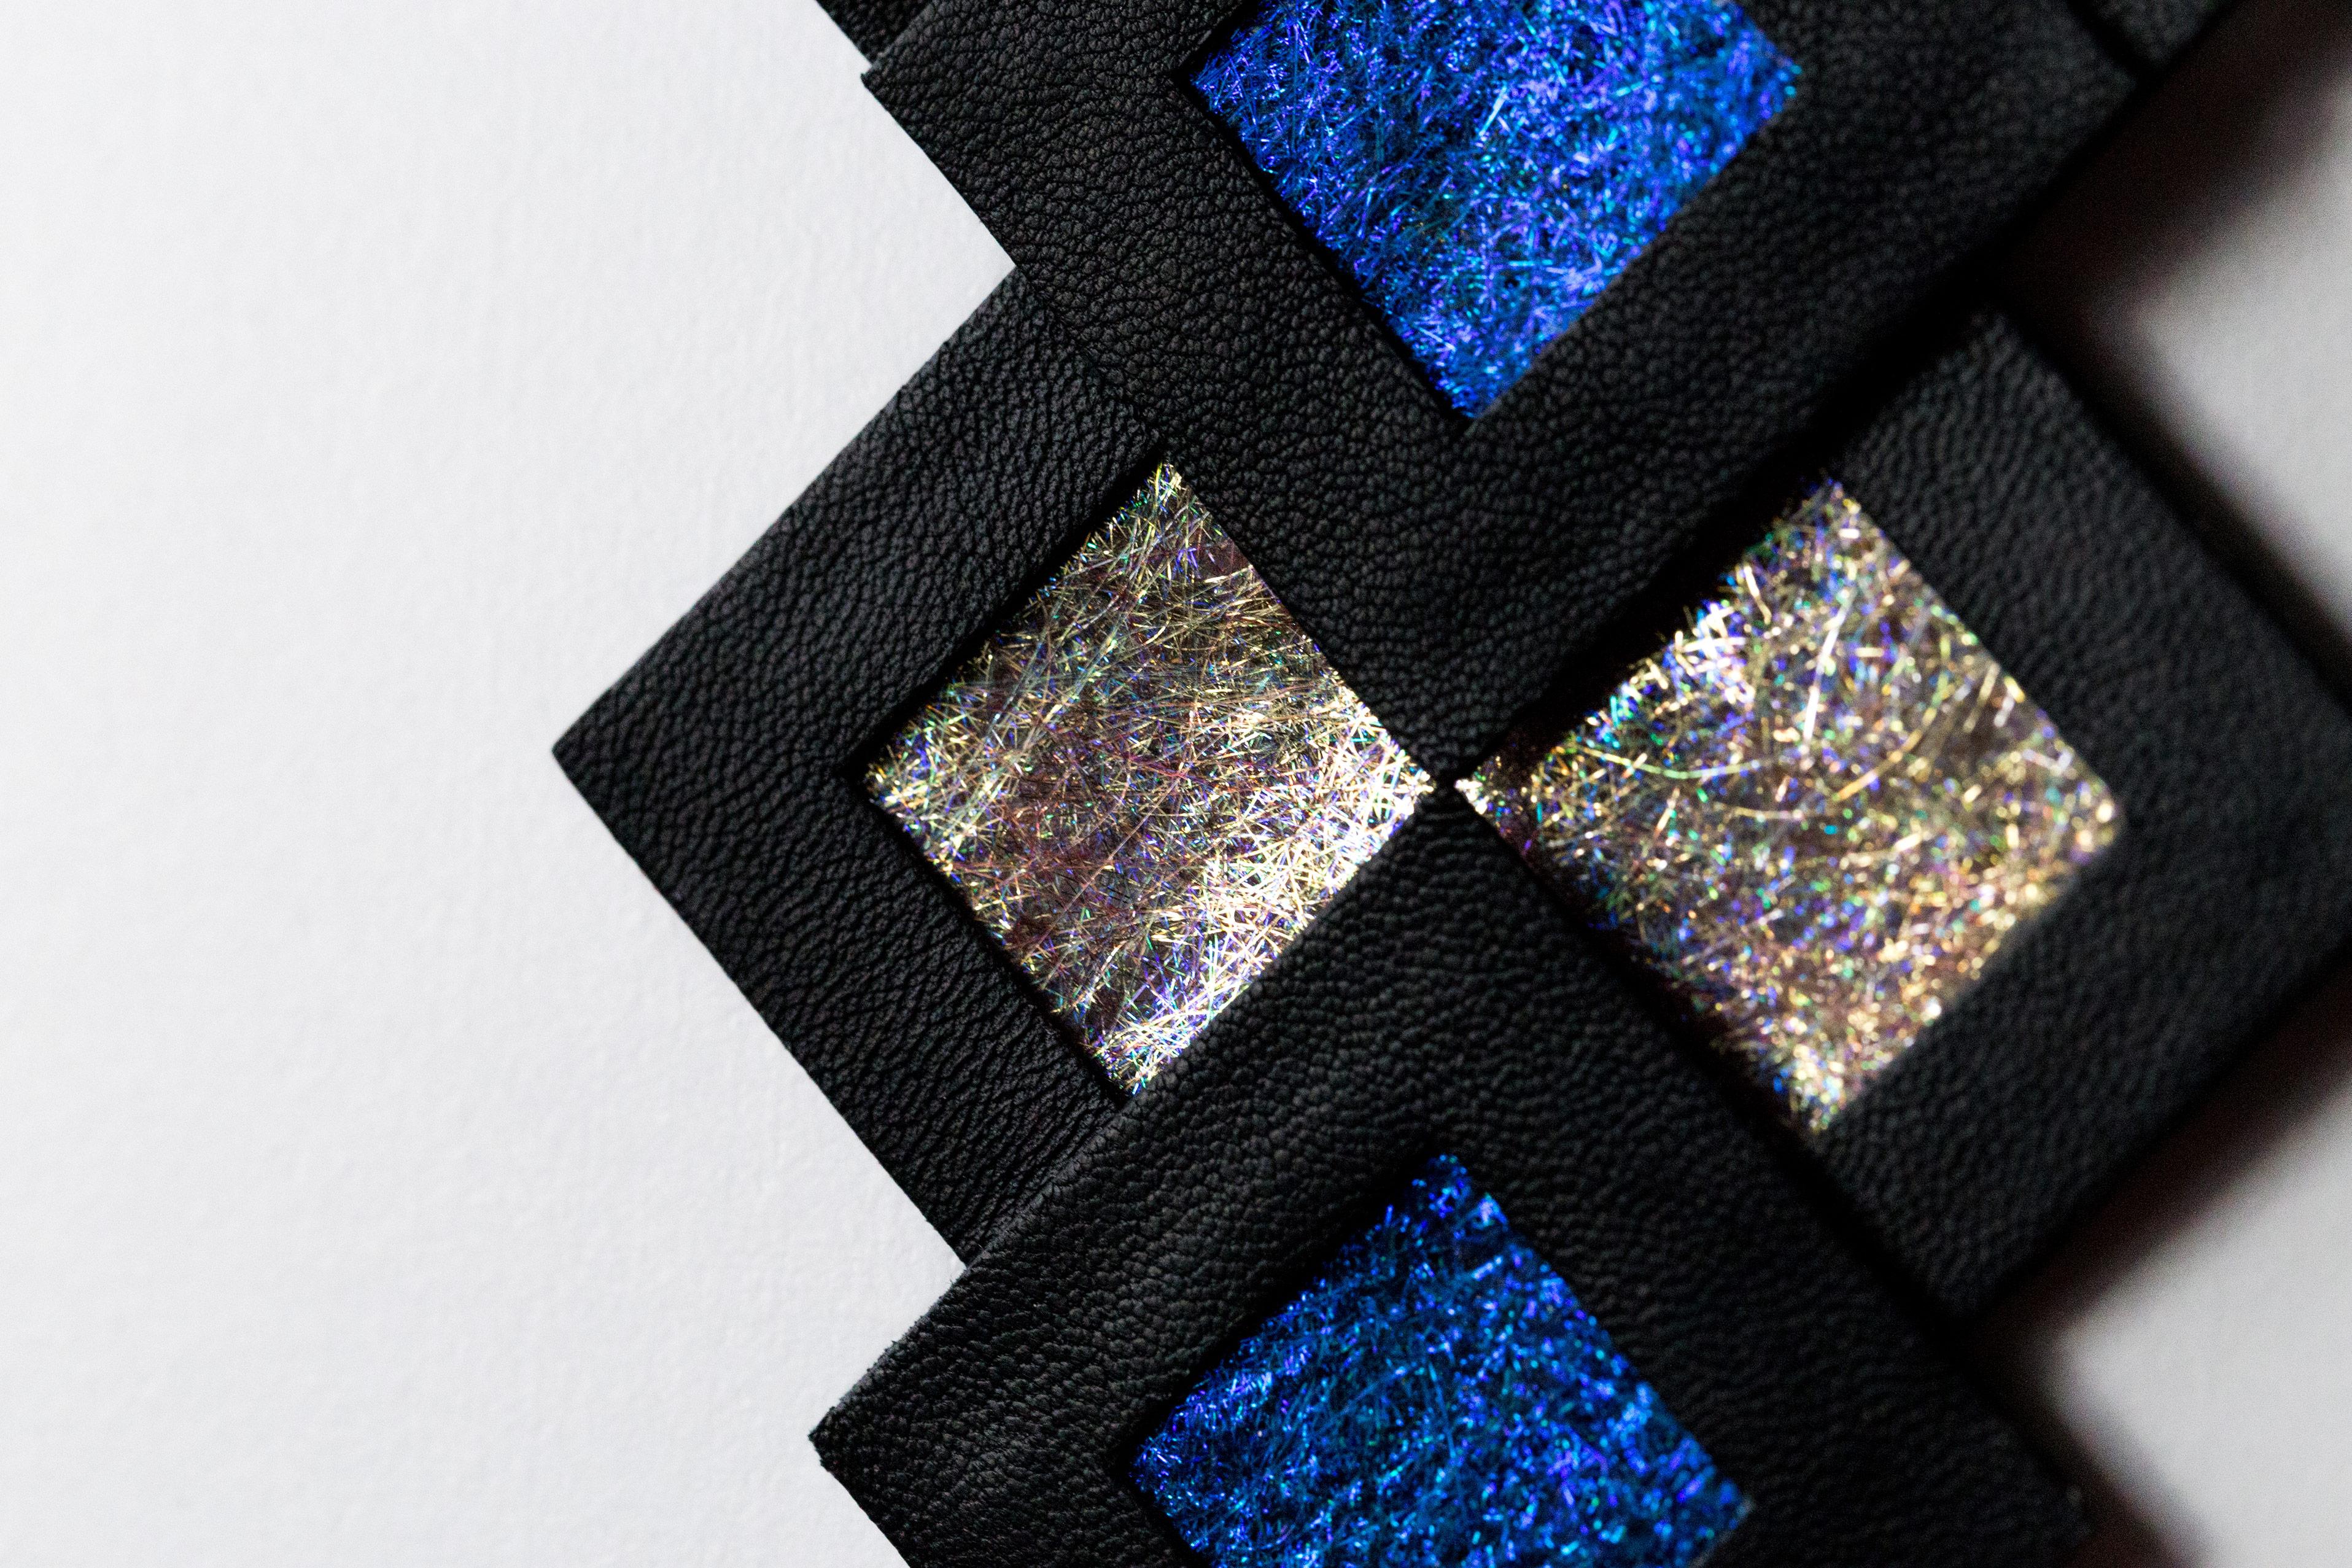 Naszyjnik Naszyjnik geometryczny 34643 BG | Justine Crafts Jewelry 10geometryczny 34643 B&G | Justine Crafts Jewelry 10